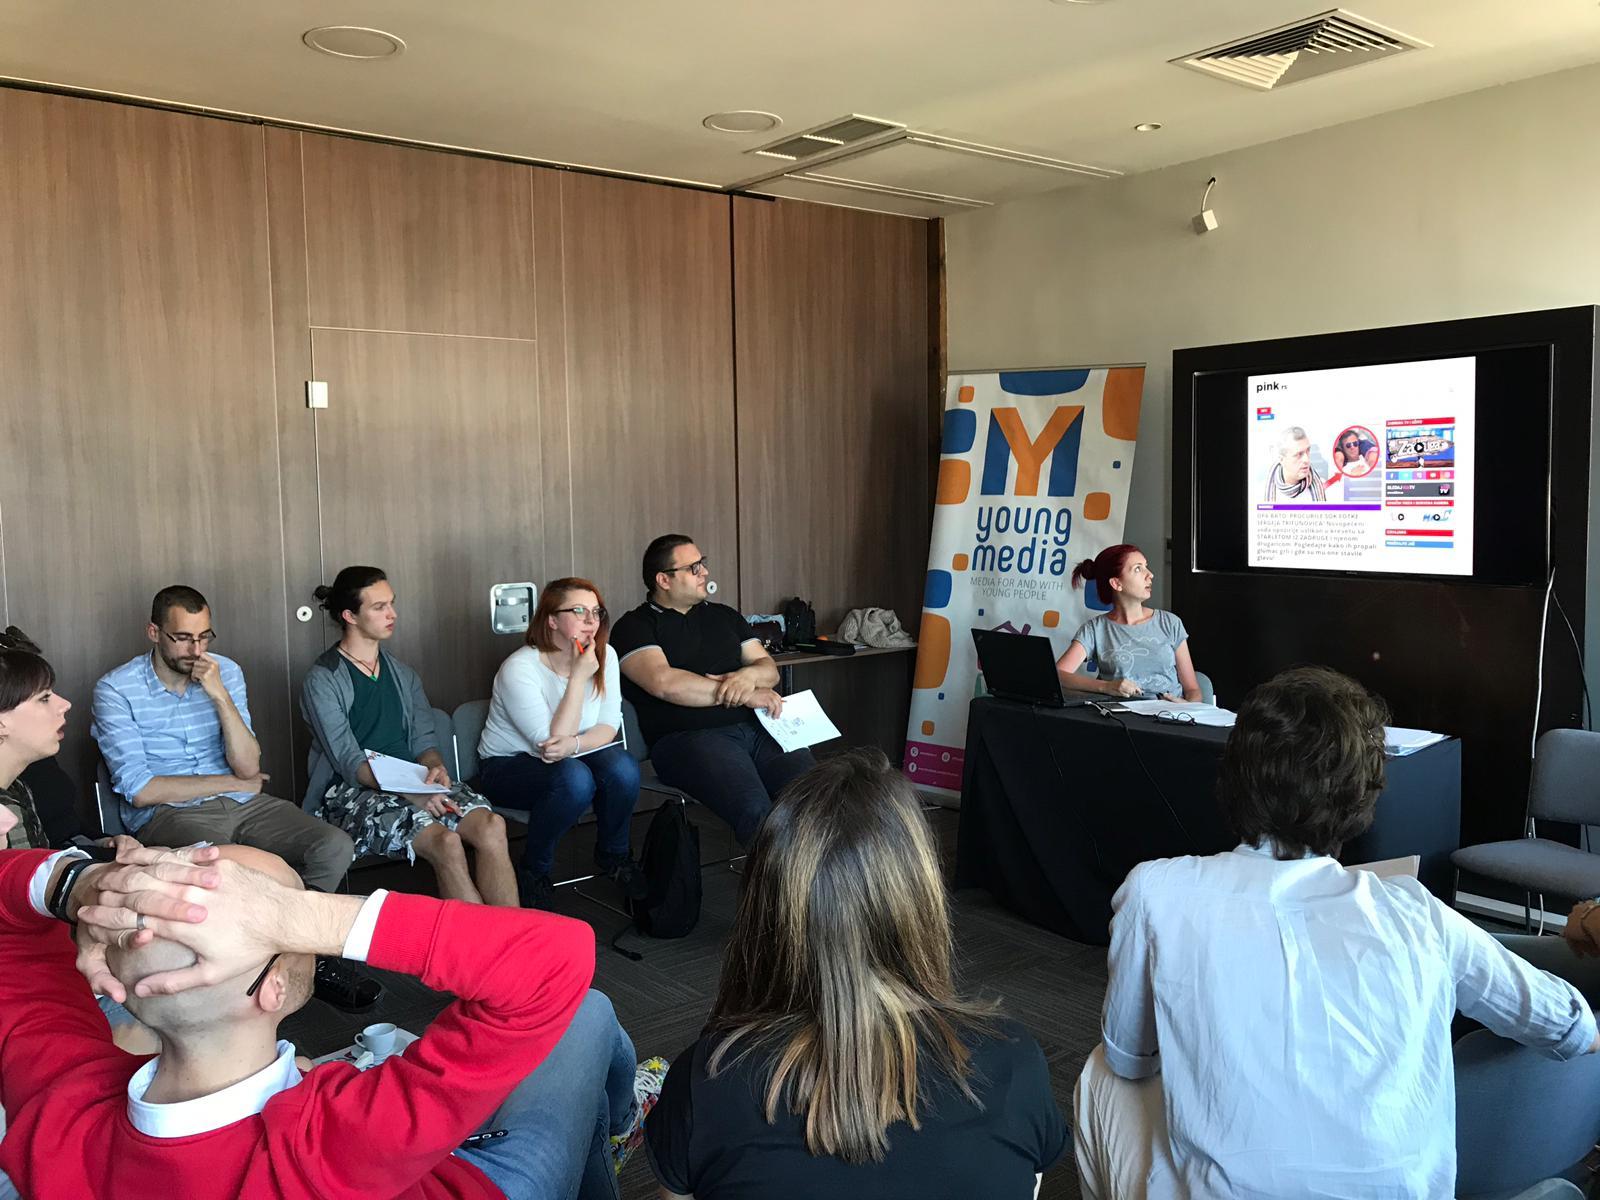 Obuka za saradnike i saradnice na projektu Young Media